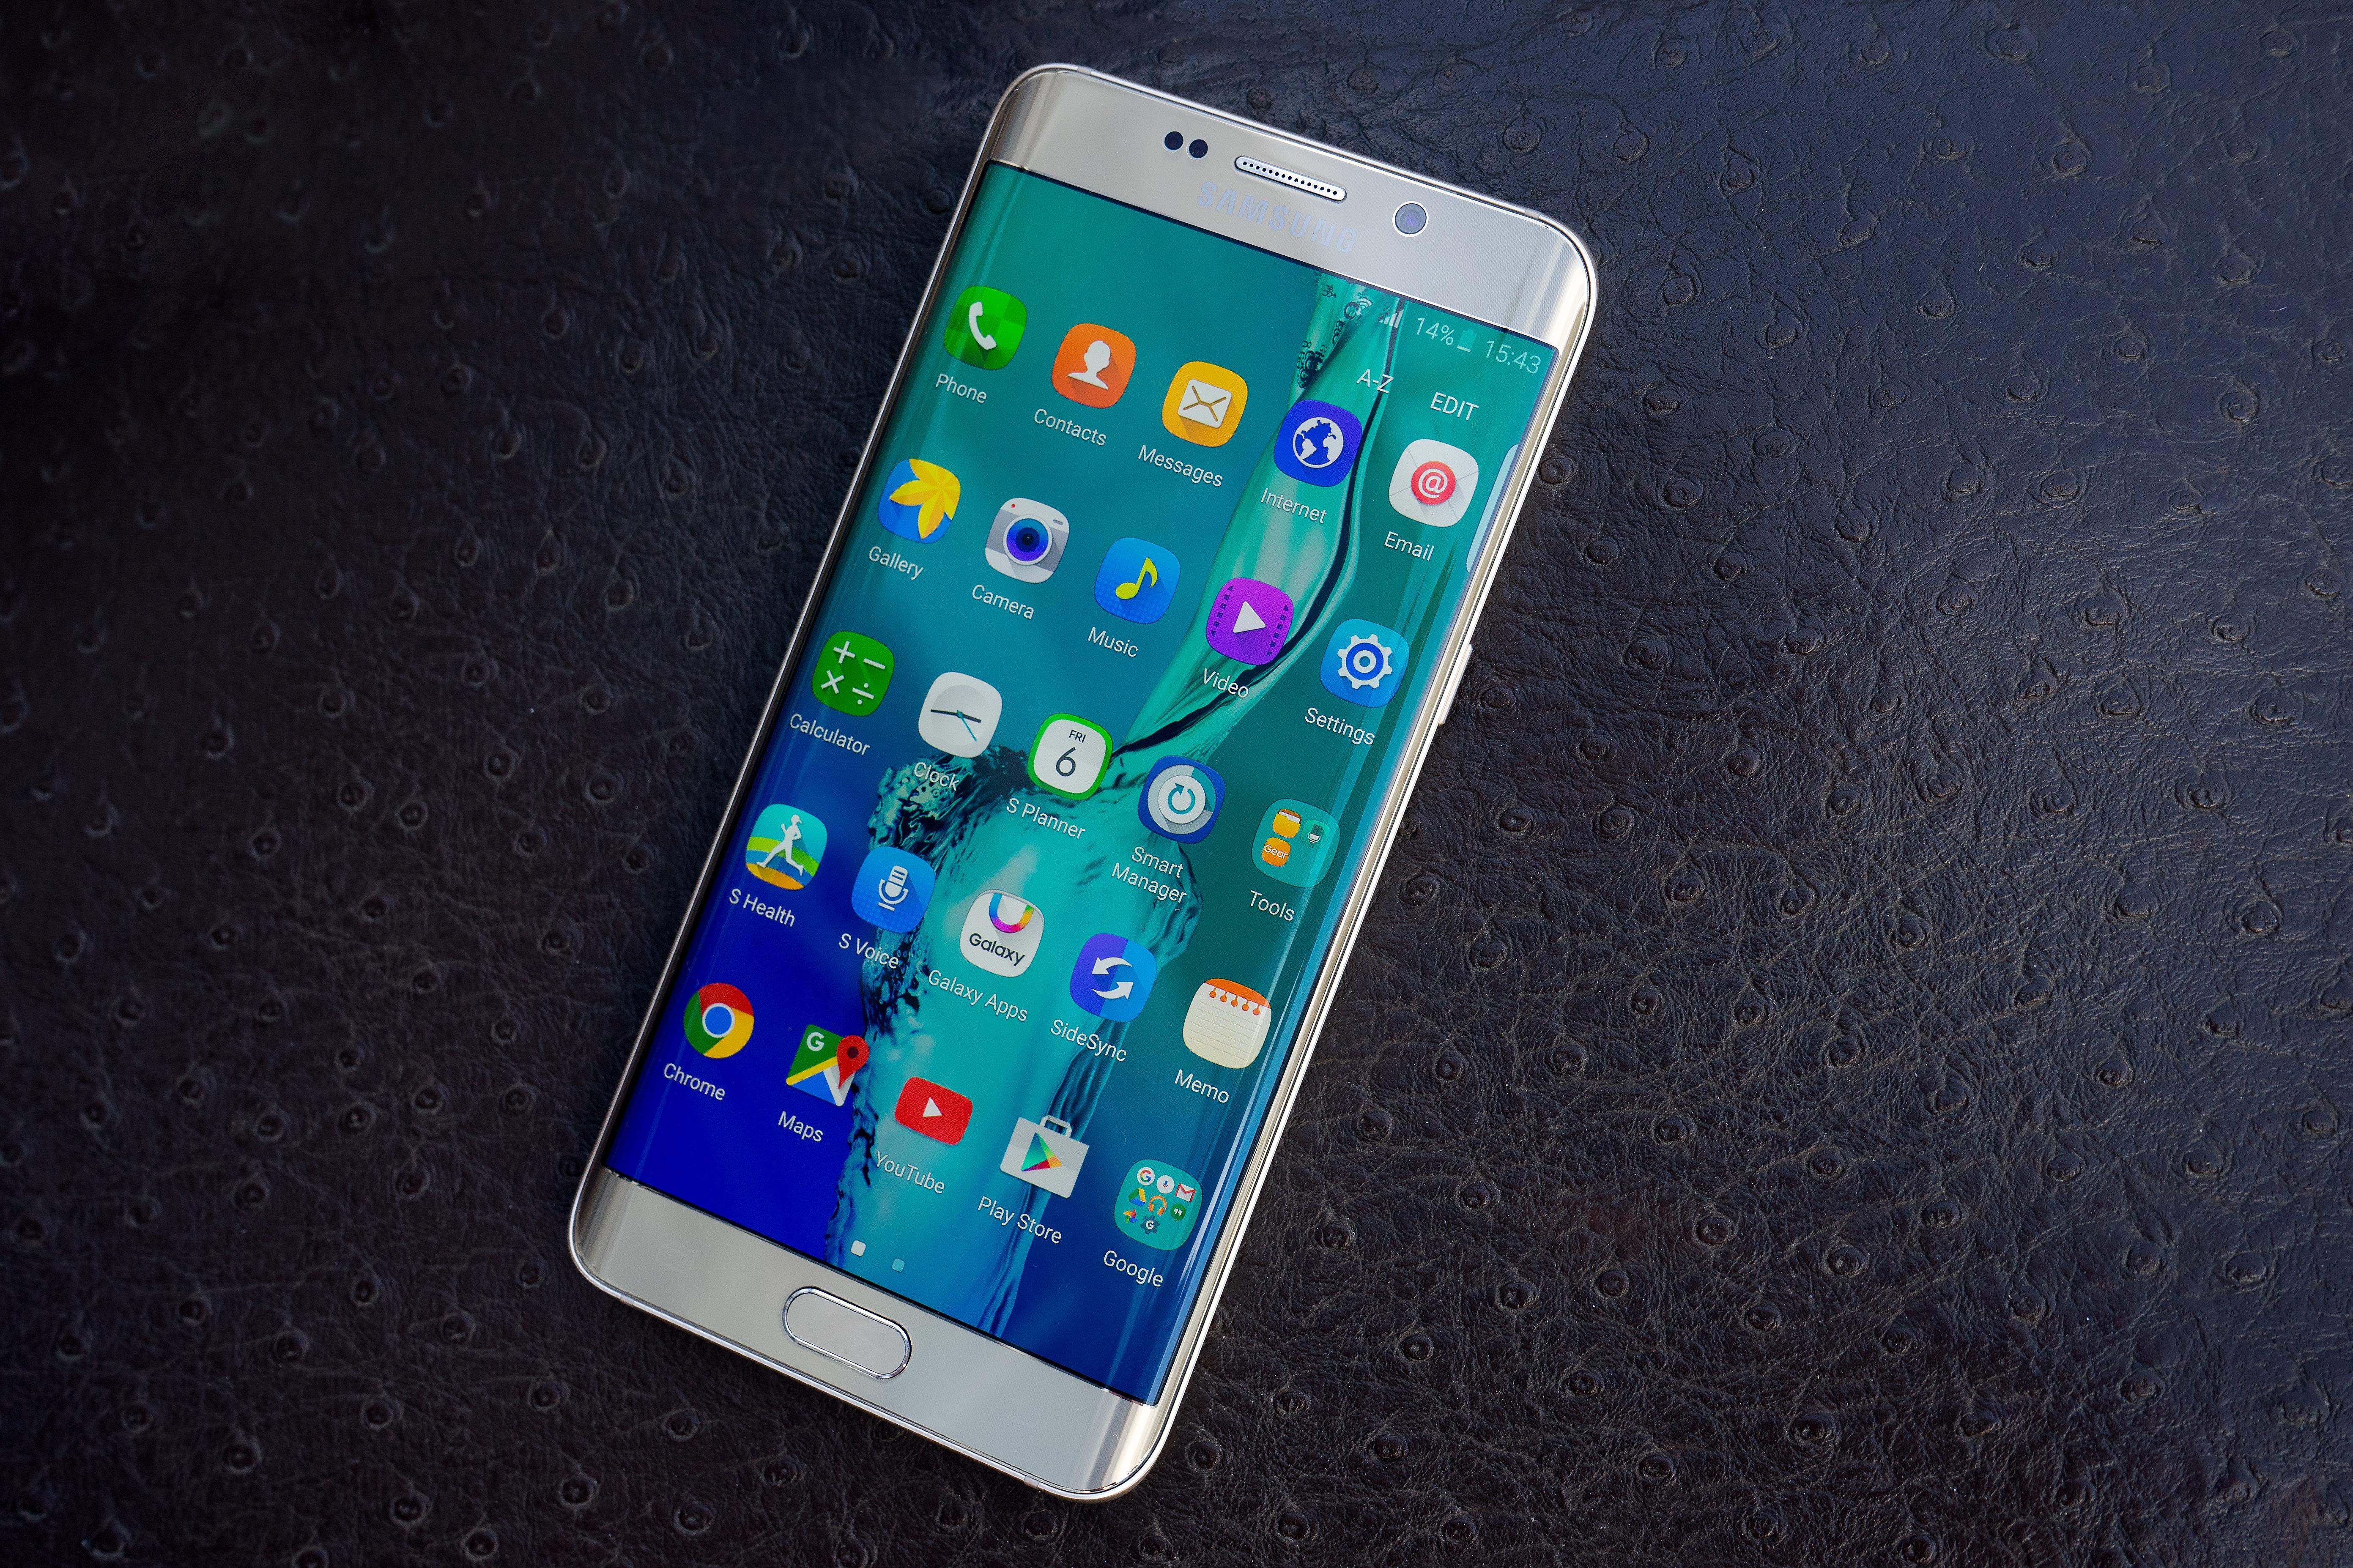 S6 Edge Plus dáng đẹp giá phải chăng dành cho bạn